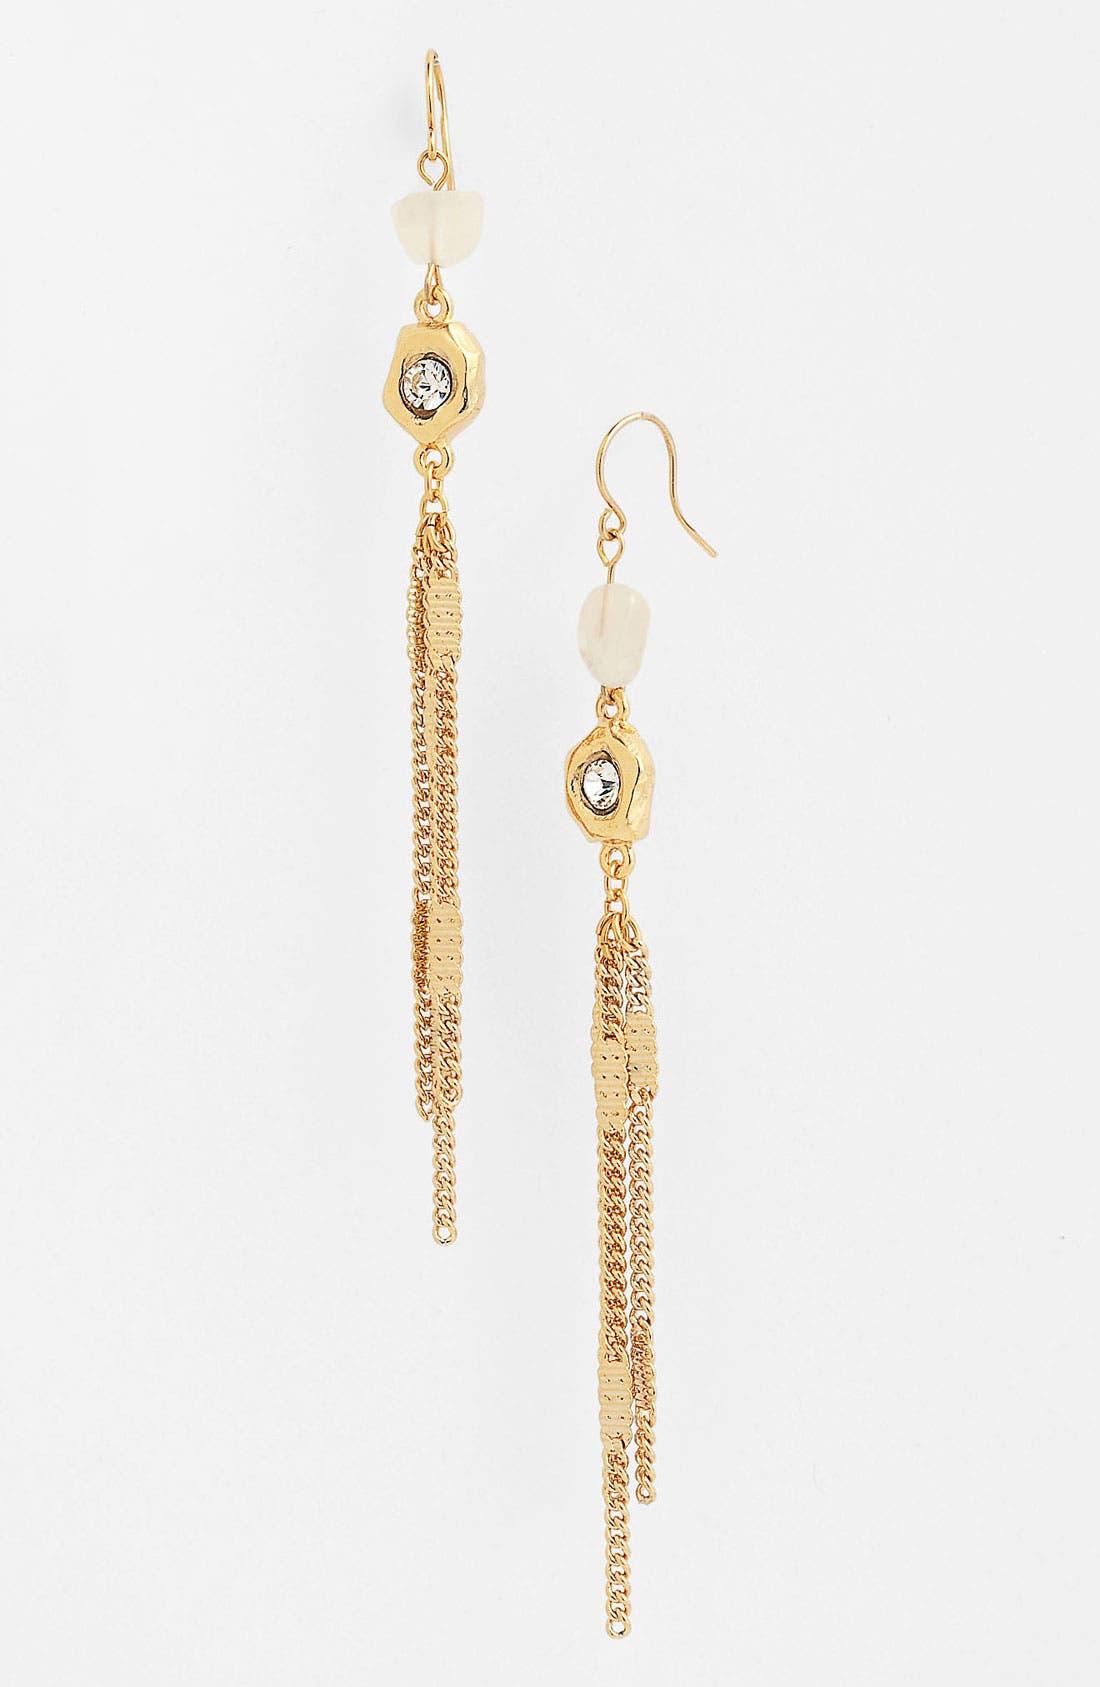 Main Image - Nordstrom 'Sand Dollar' Tassel Earrings